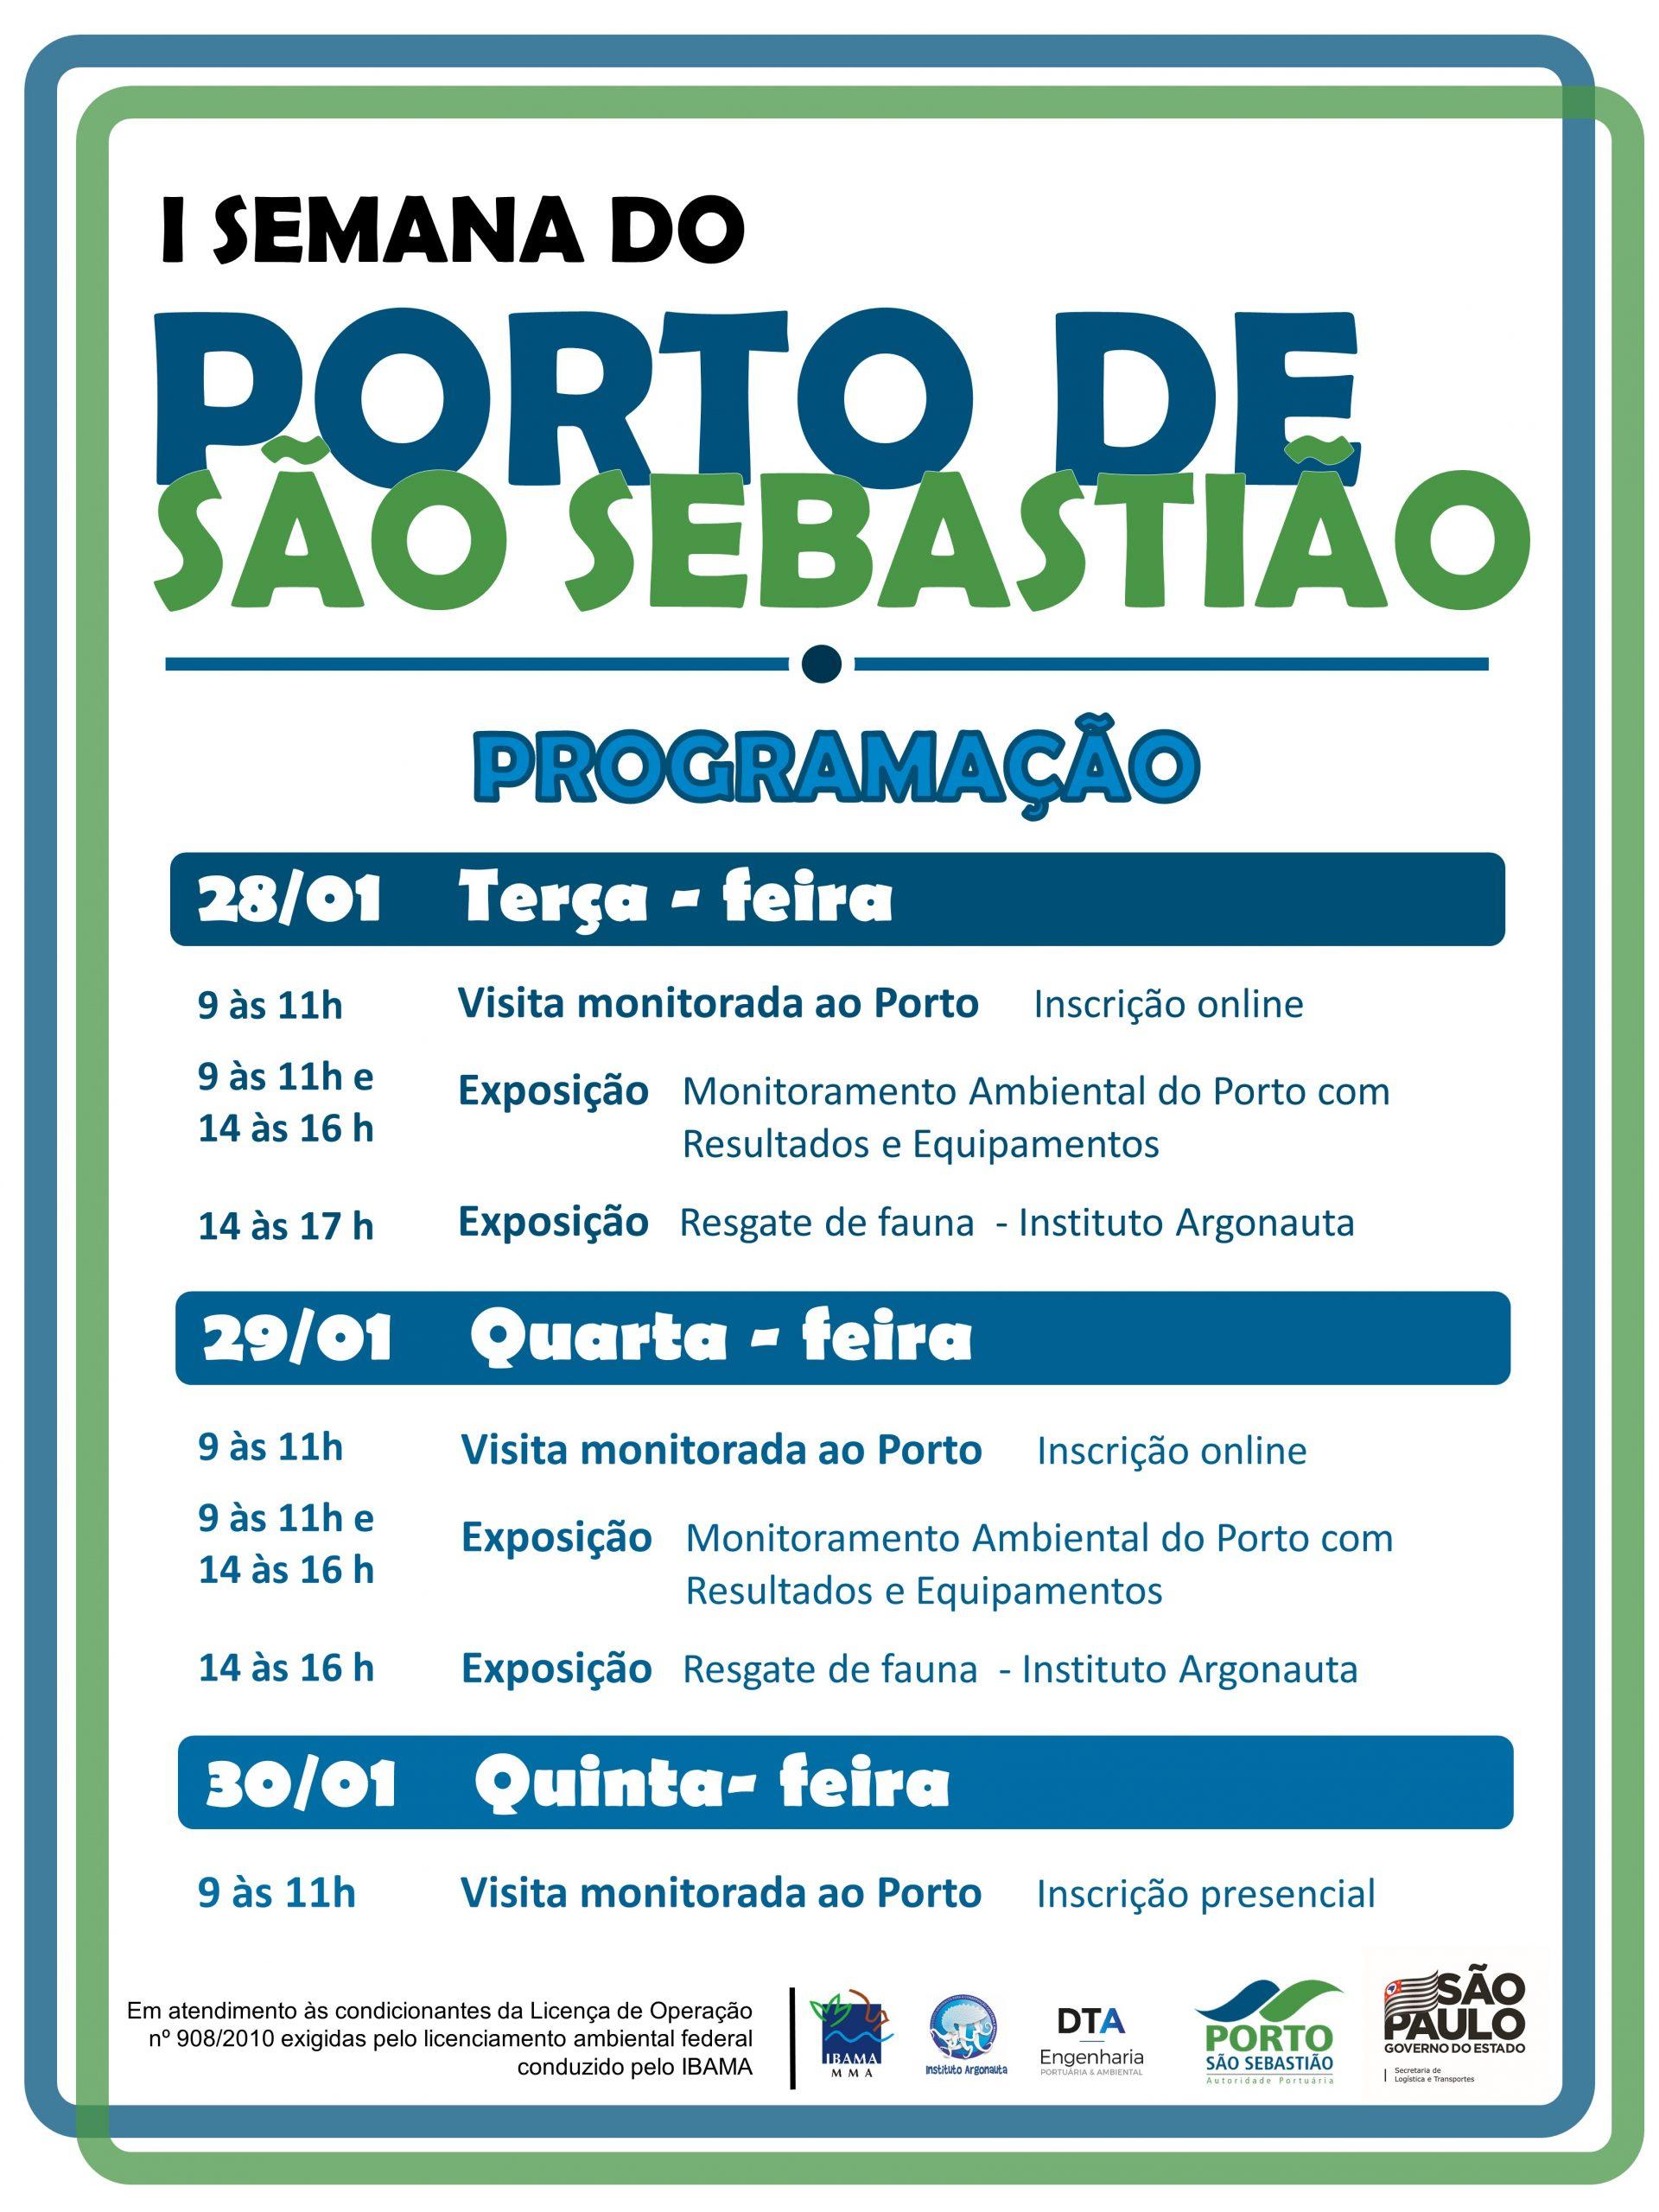 I Semana do Porto de São Sebastião